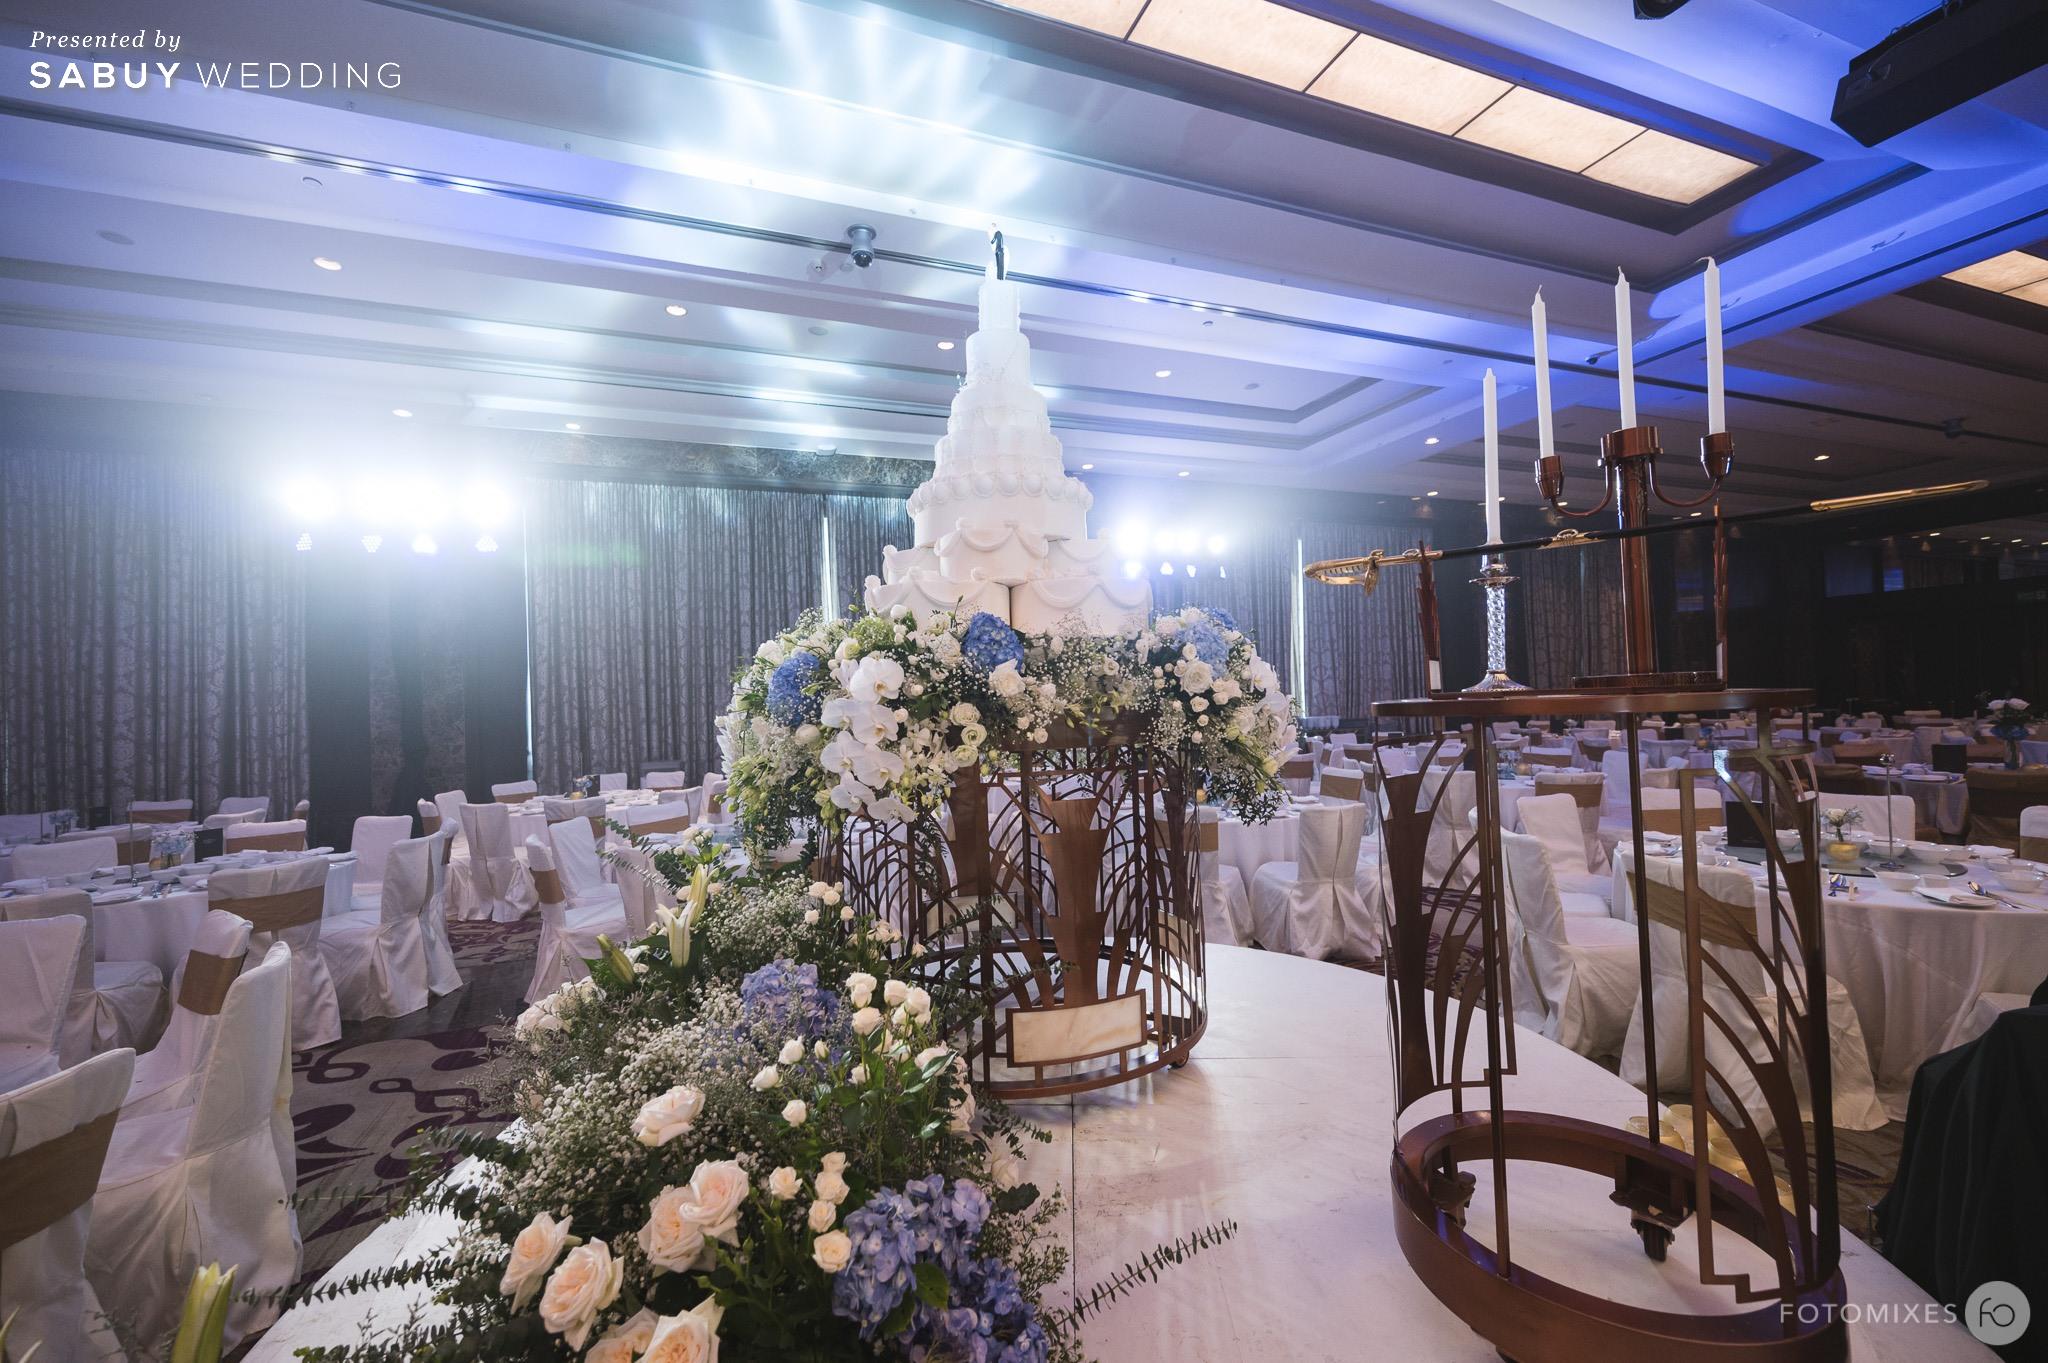 เค้กแต่งงาน รีวิวงานแต่งแสนหวานกับคอนเซ็ปต์งานสไตล์ English Garden @ Sofitel Bangkok Sukhumvit